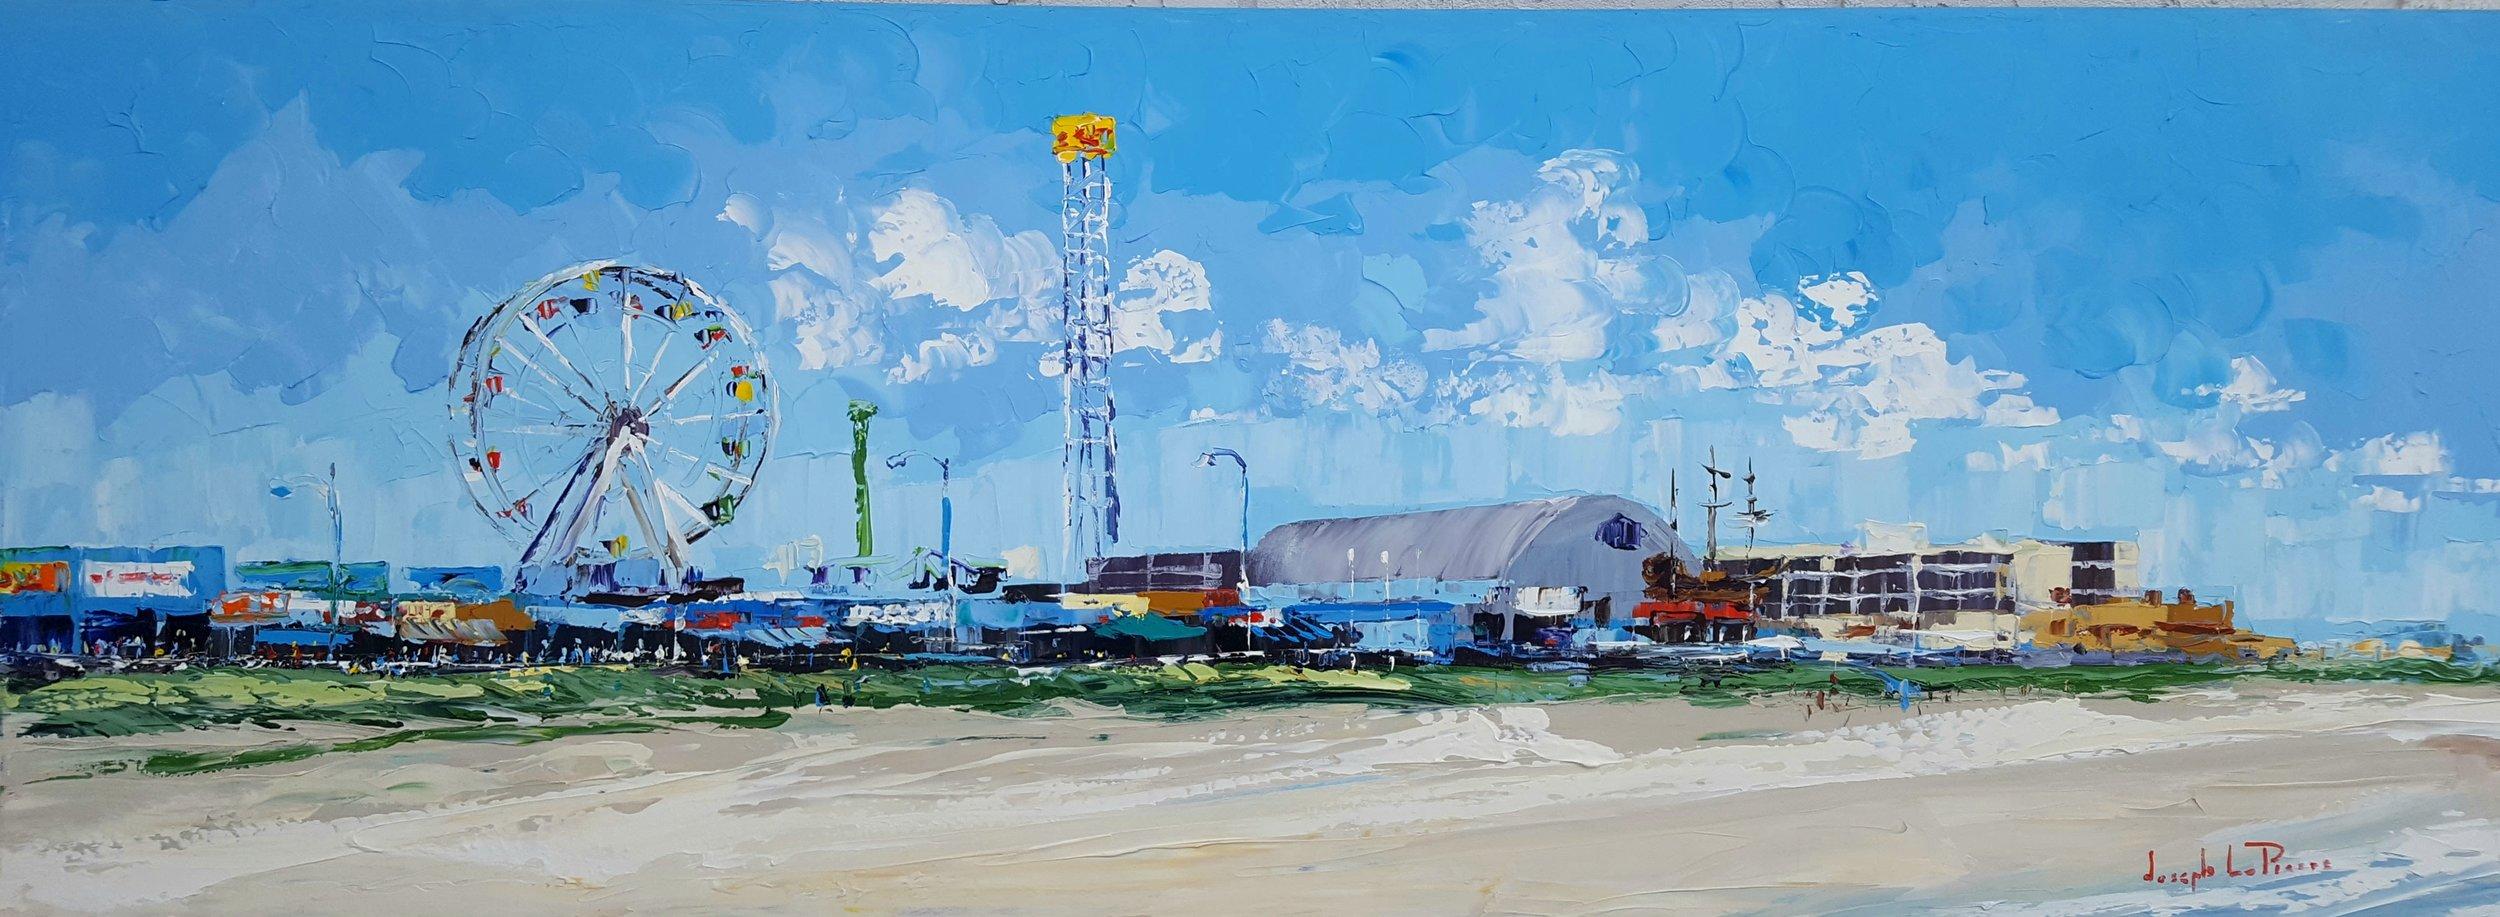 """""""Double Shot"""" - 24x36 - Ocean City, NJ Boardwalk - $4,000.00"""